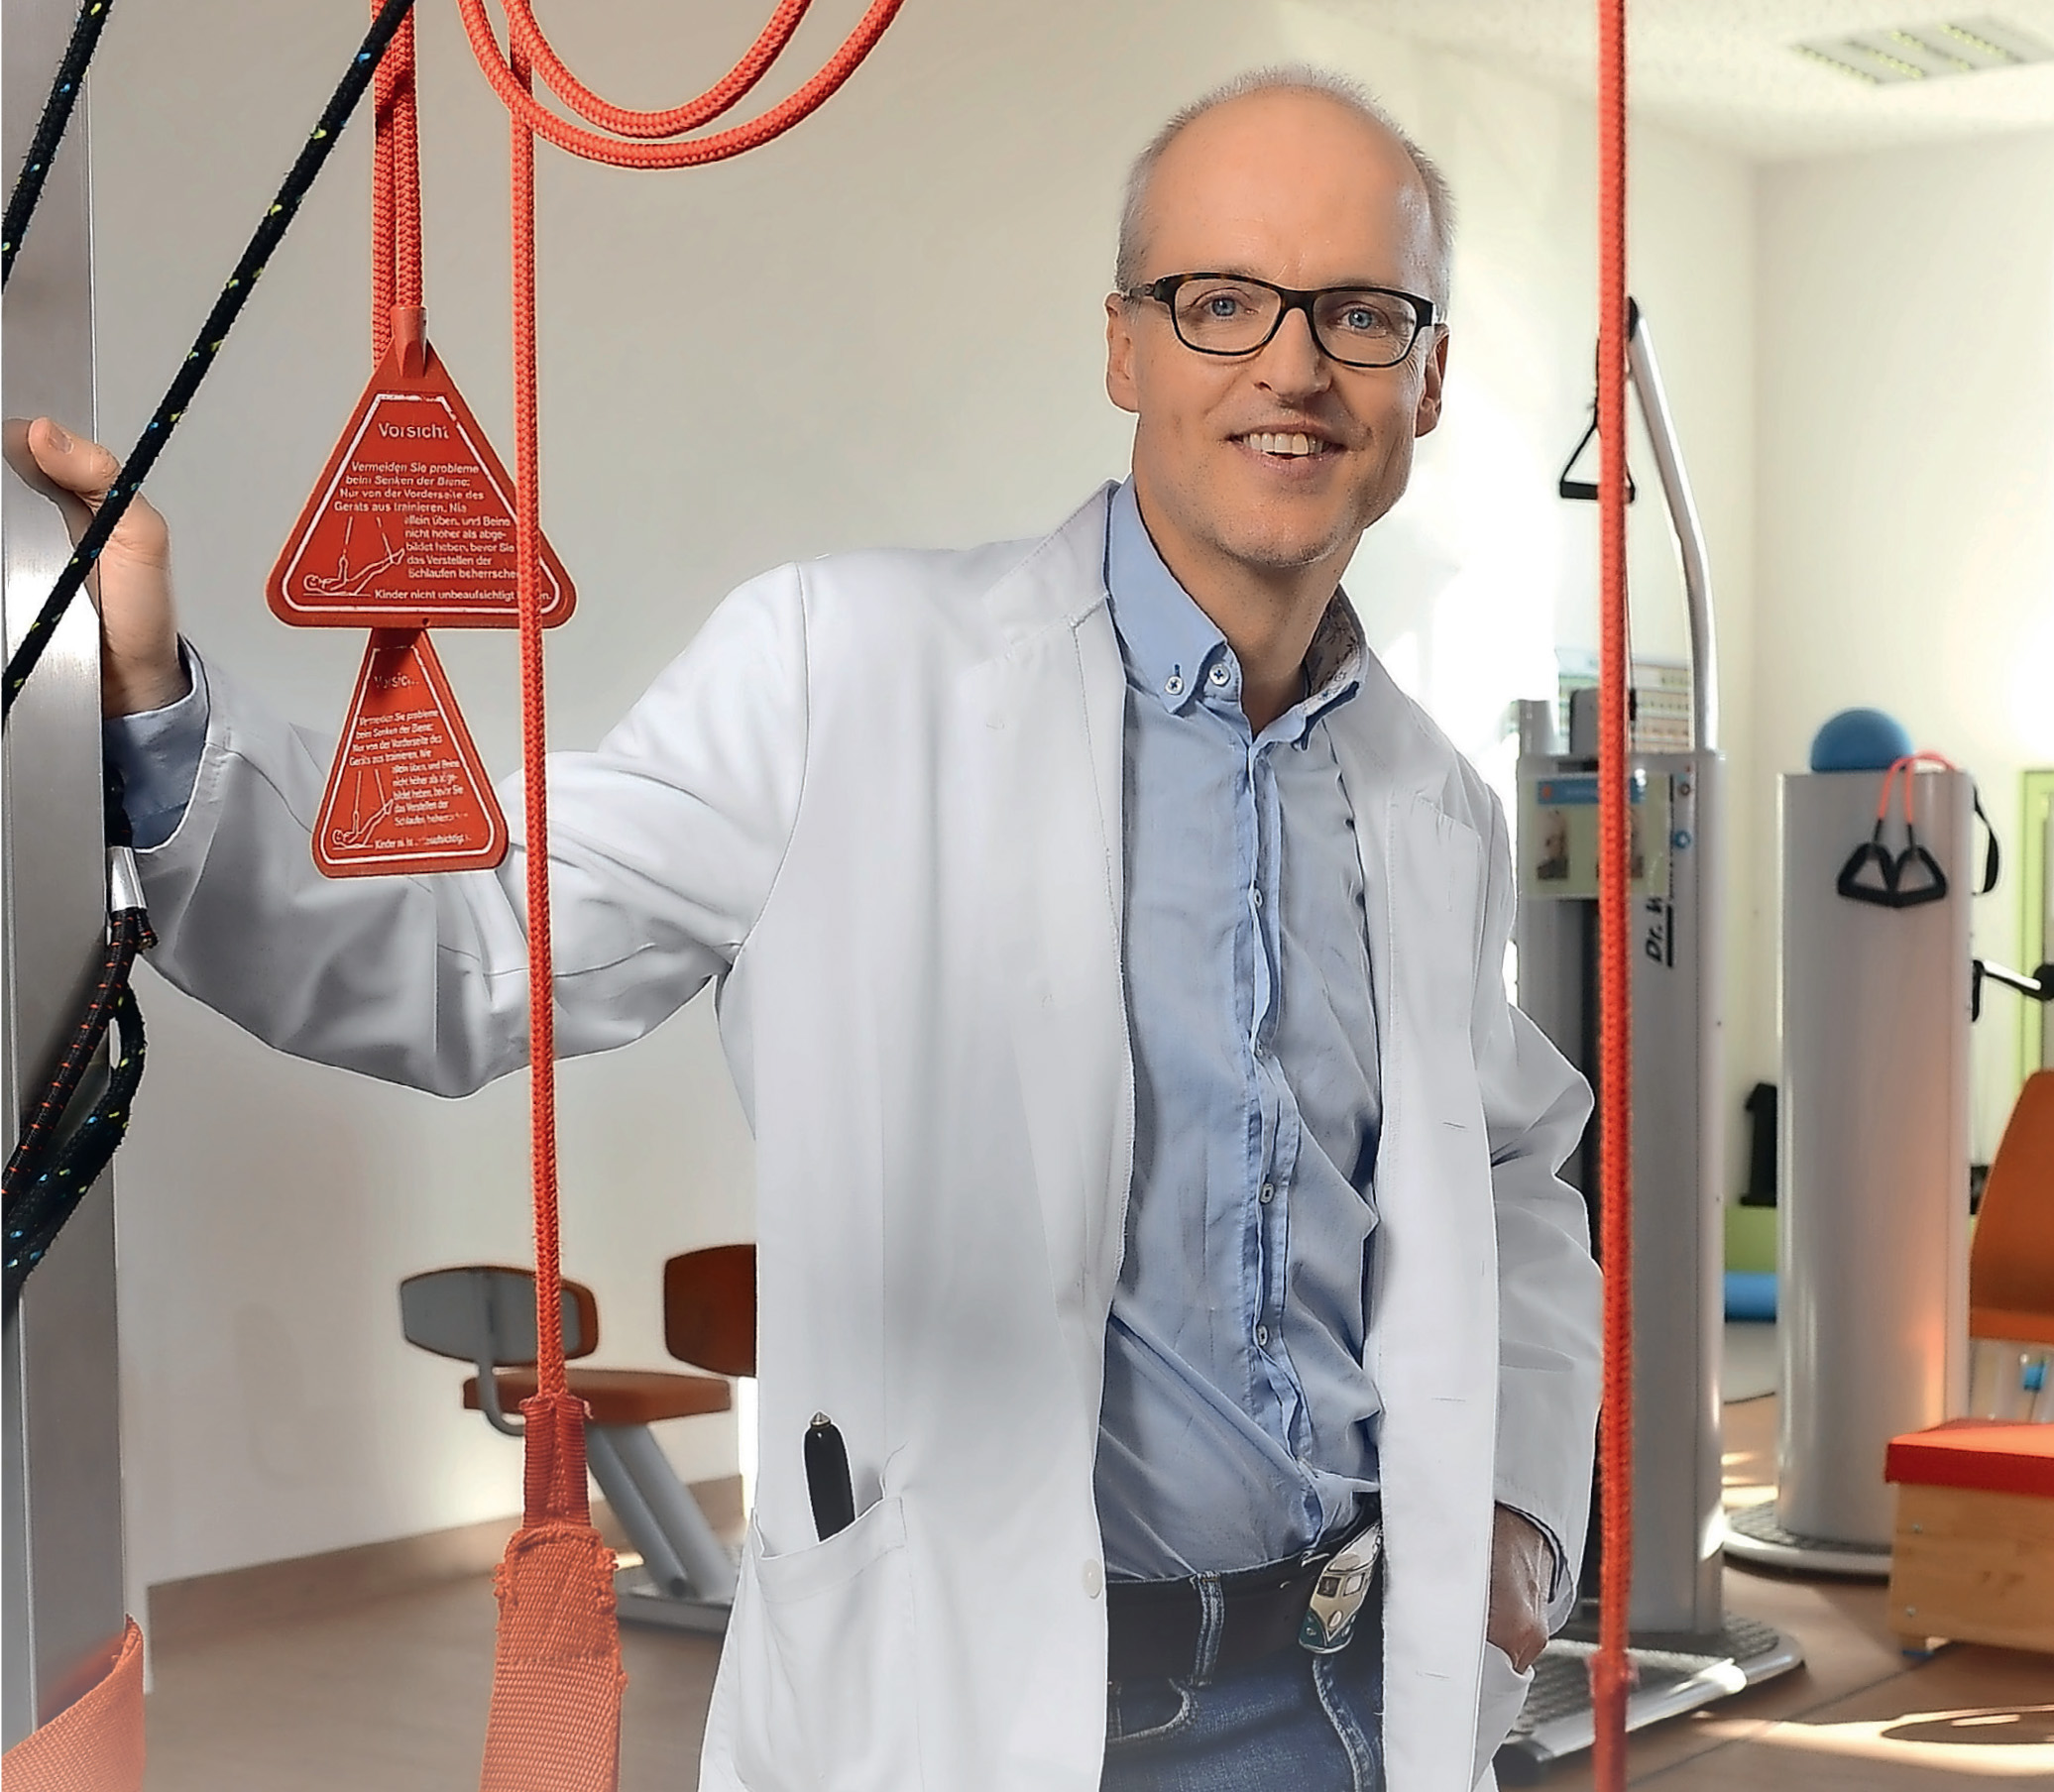 Der Sportmediziner und Internist Dr. Robert Margerie (50) arbeitet im Zentrum für Sportmedizin im Olympiapark Berlin. Margerie ist Antidoping-Beauftragter des Landessportbundes Berlin und passionierter Langstreckenläufer, Mountainbiker und Fitnesssportler.